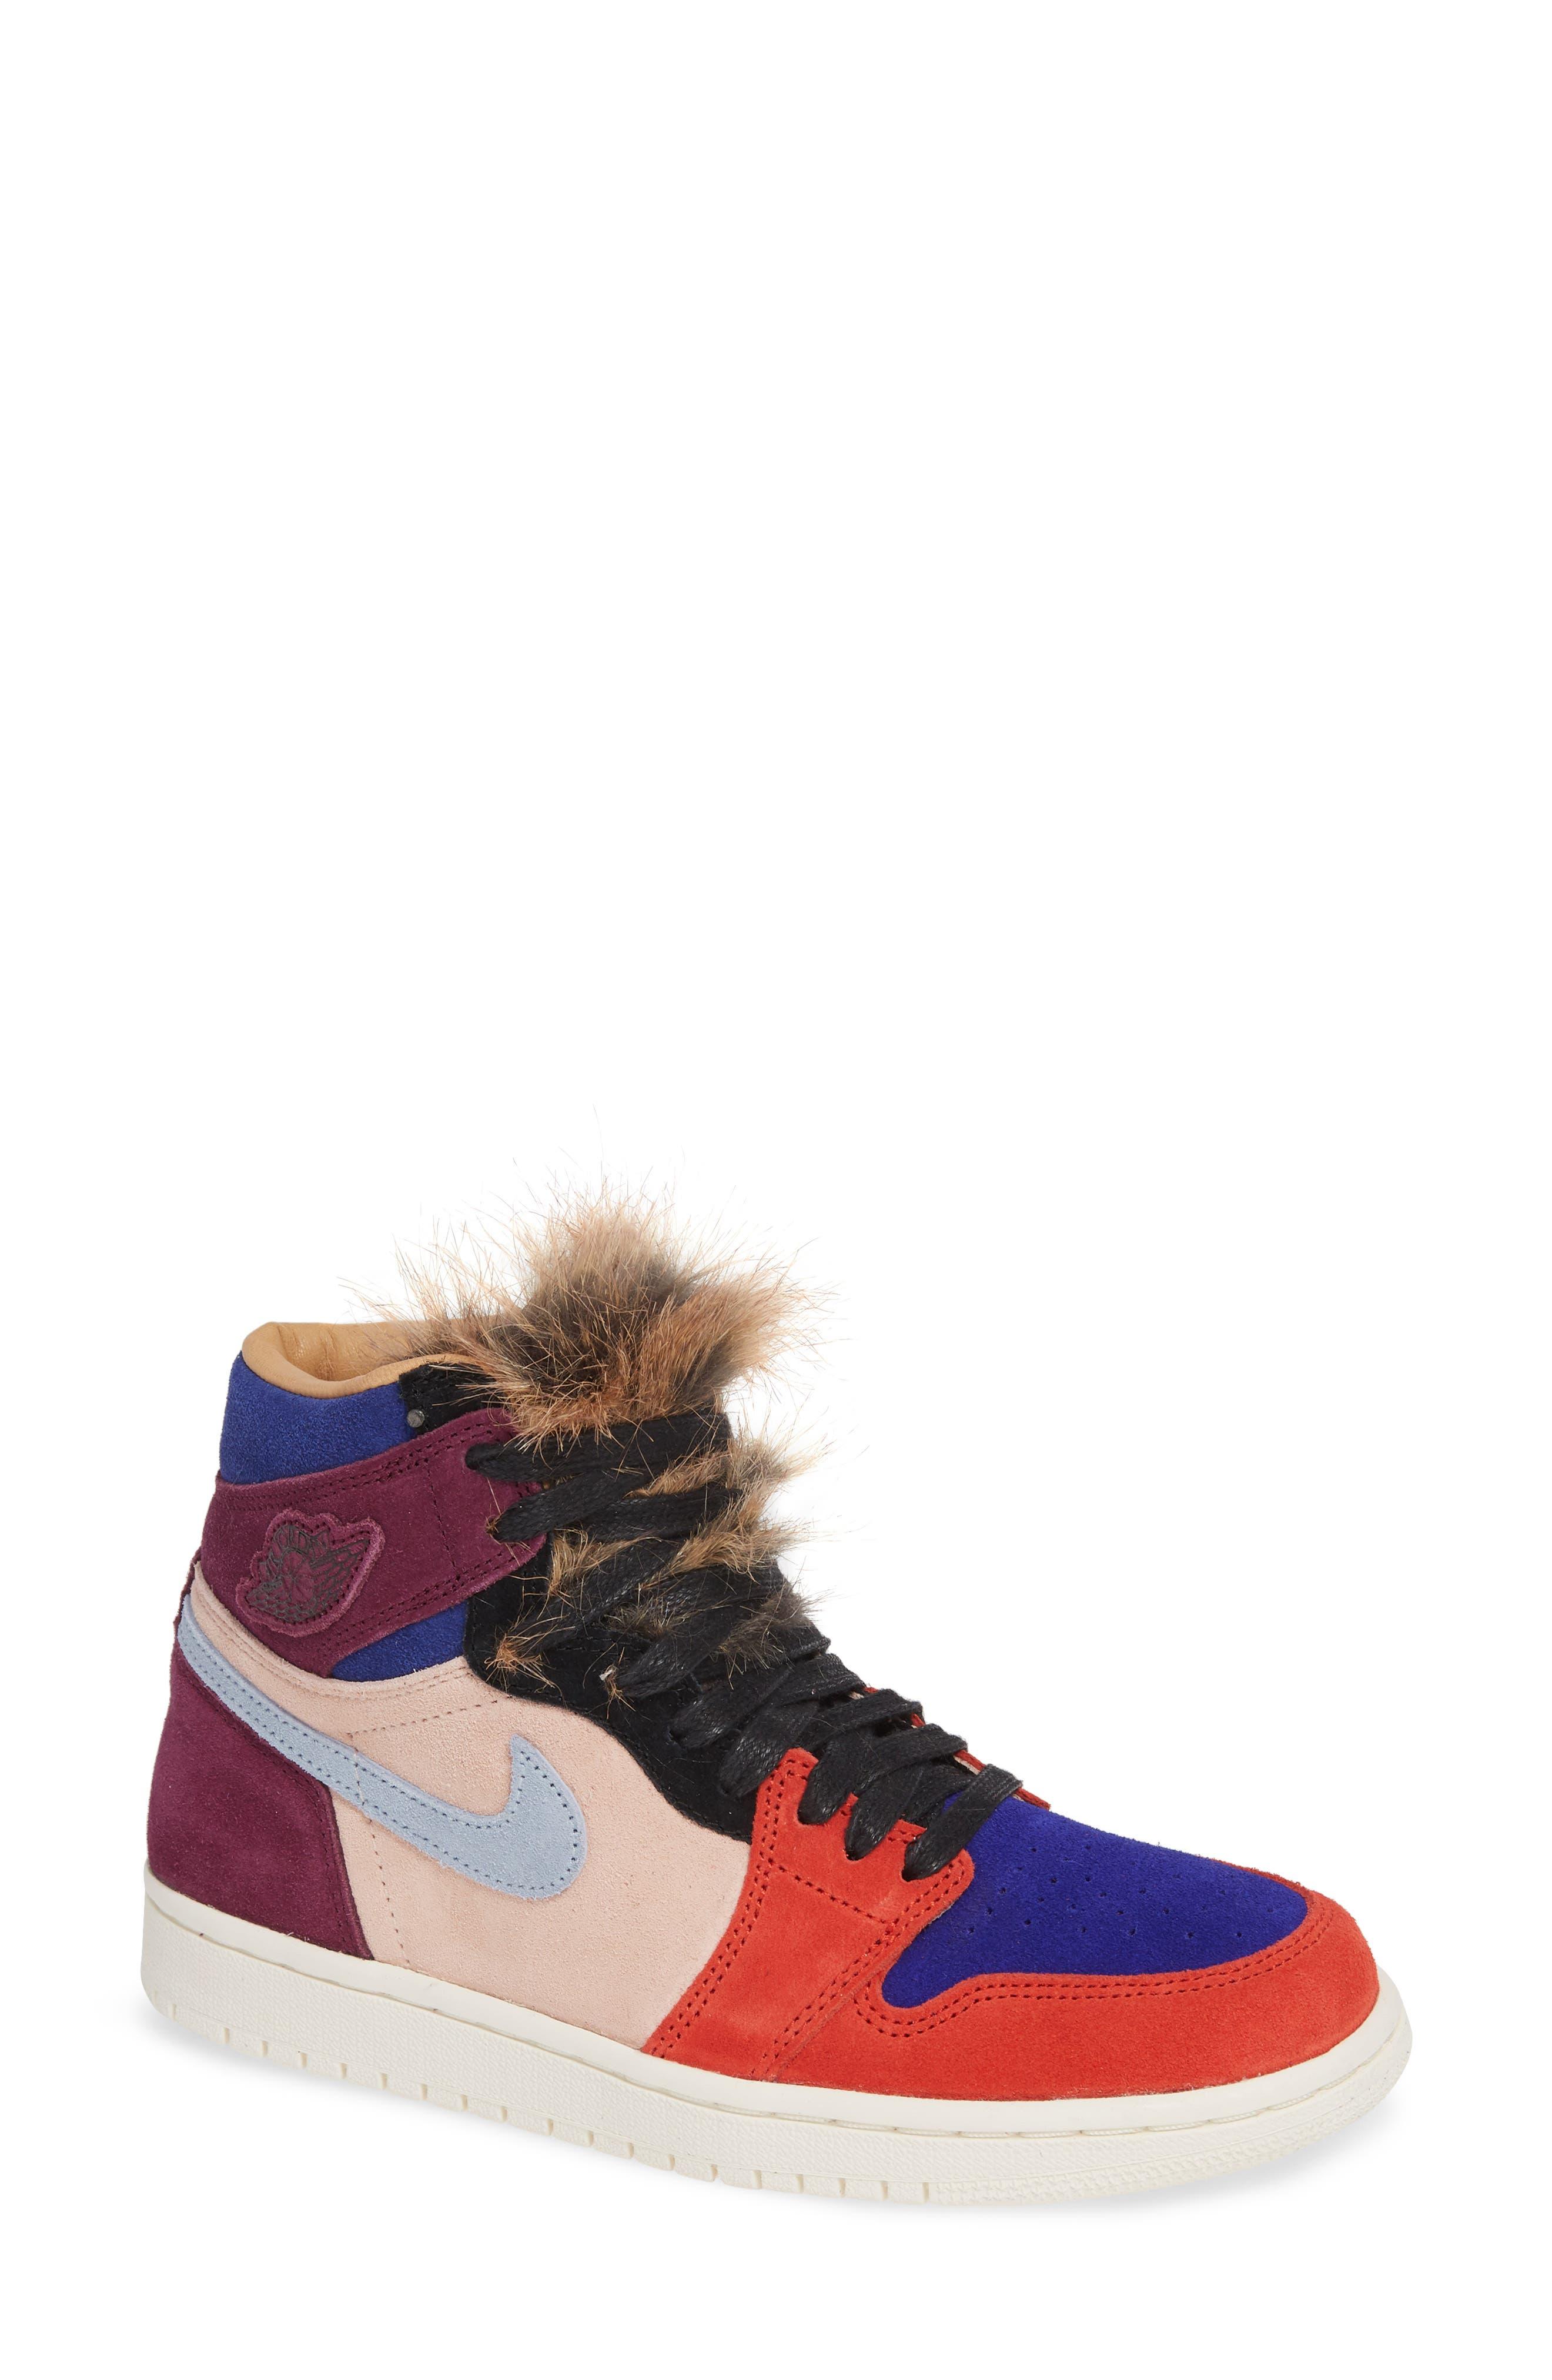 Nike Air Jordan 1 High OG Sneaker,                             Main thumbnail 1, color,                             600